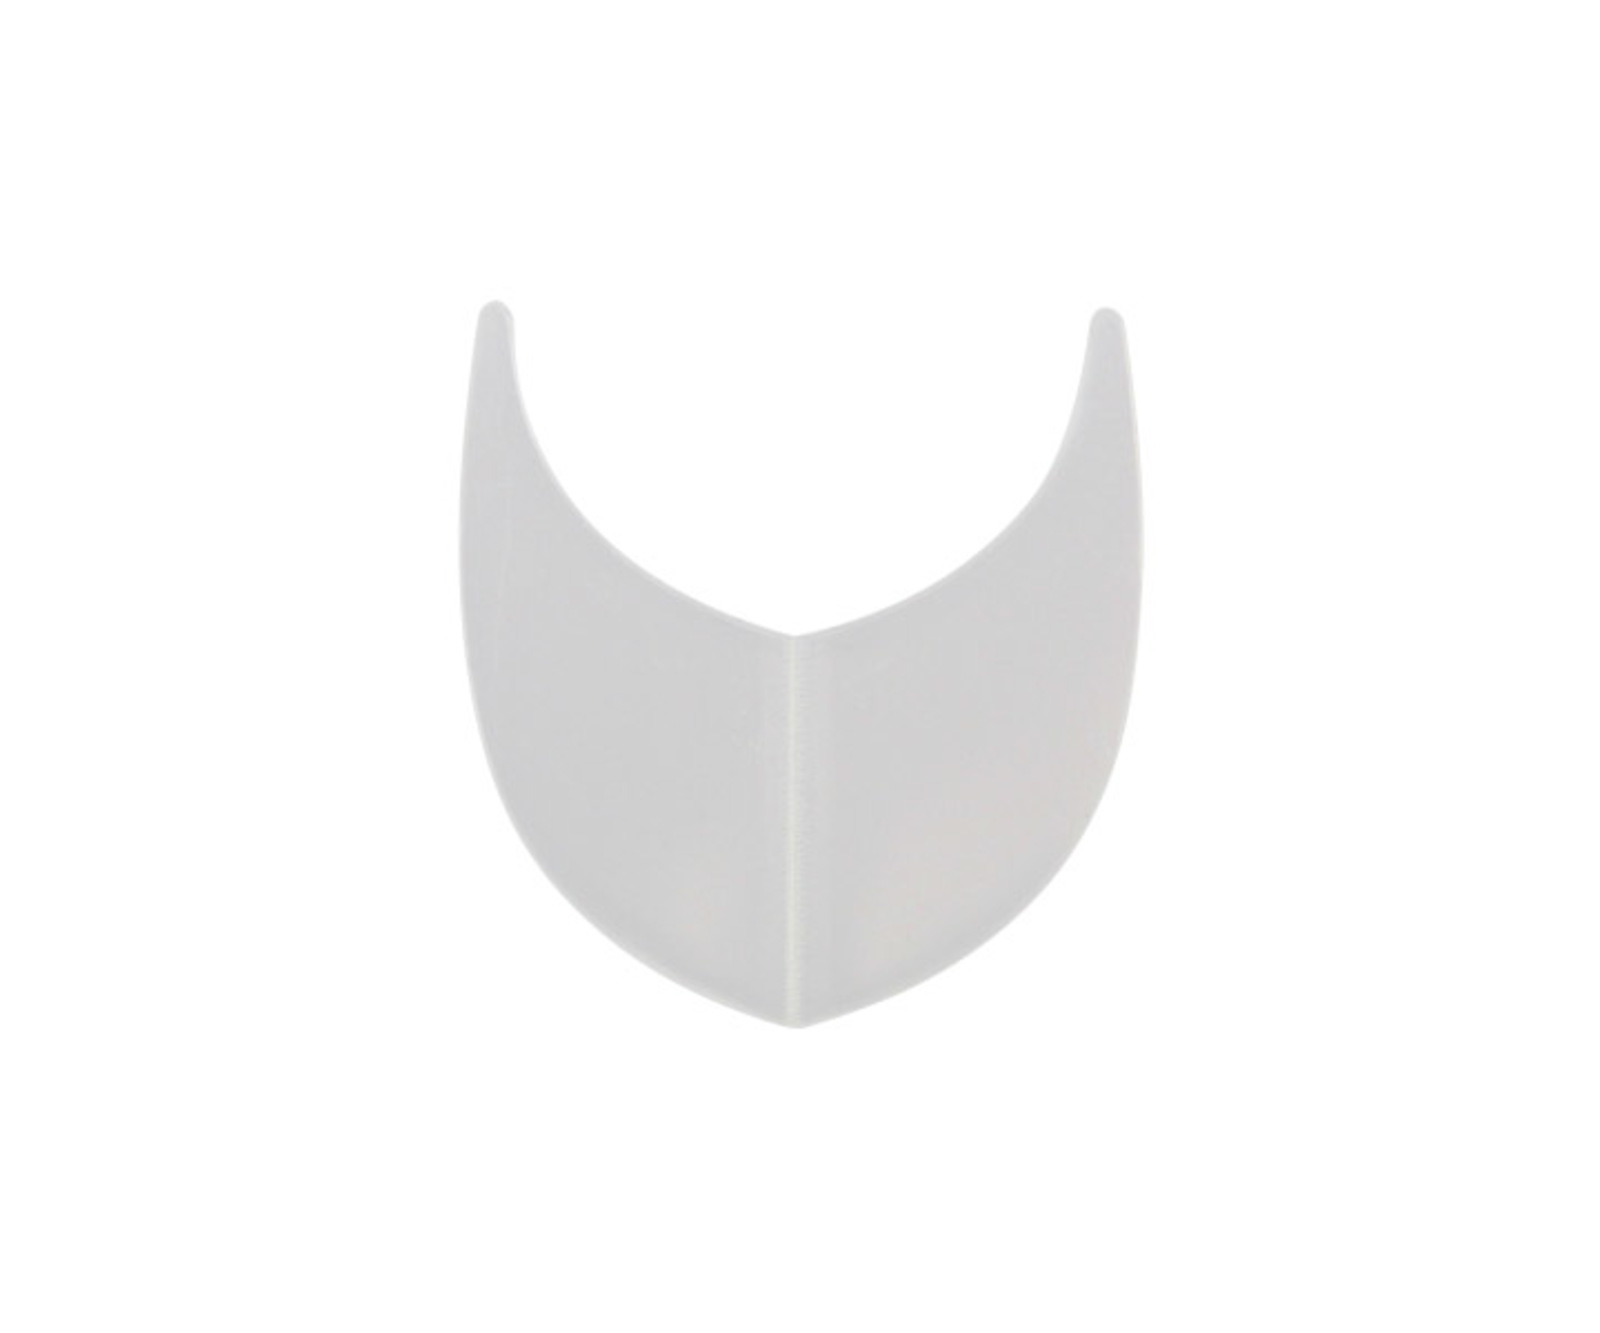 フライト【リバティフライト】パリス クリアの画像